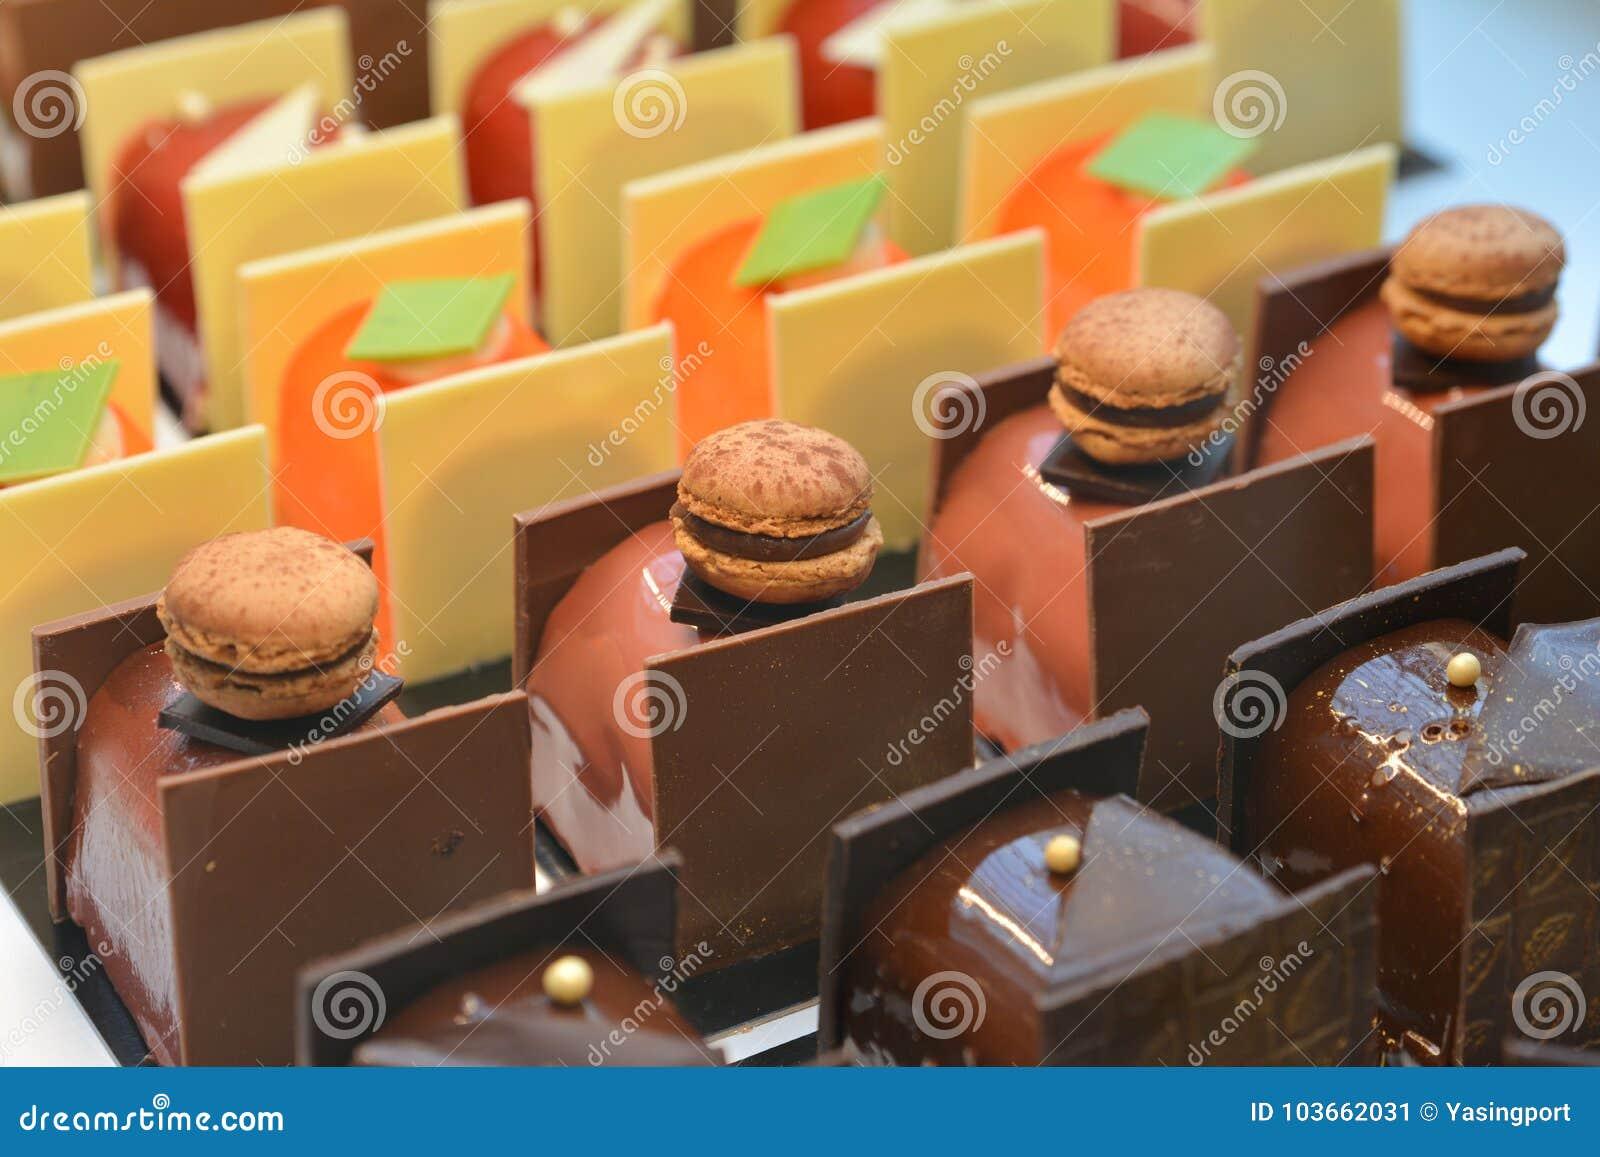 De chocolade koekt op vertoning een banketbakkerijwinkel in Frankrijk